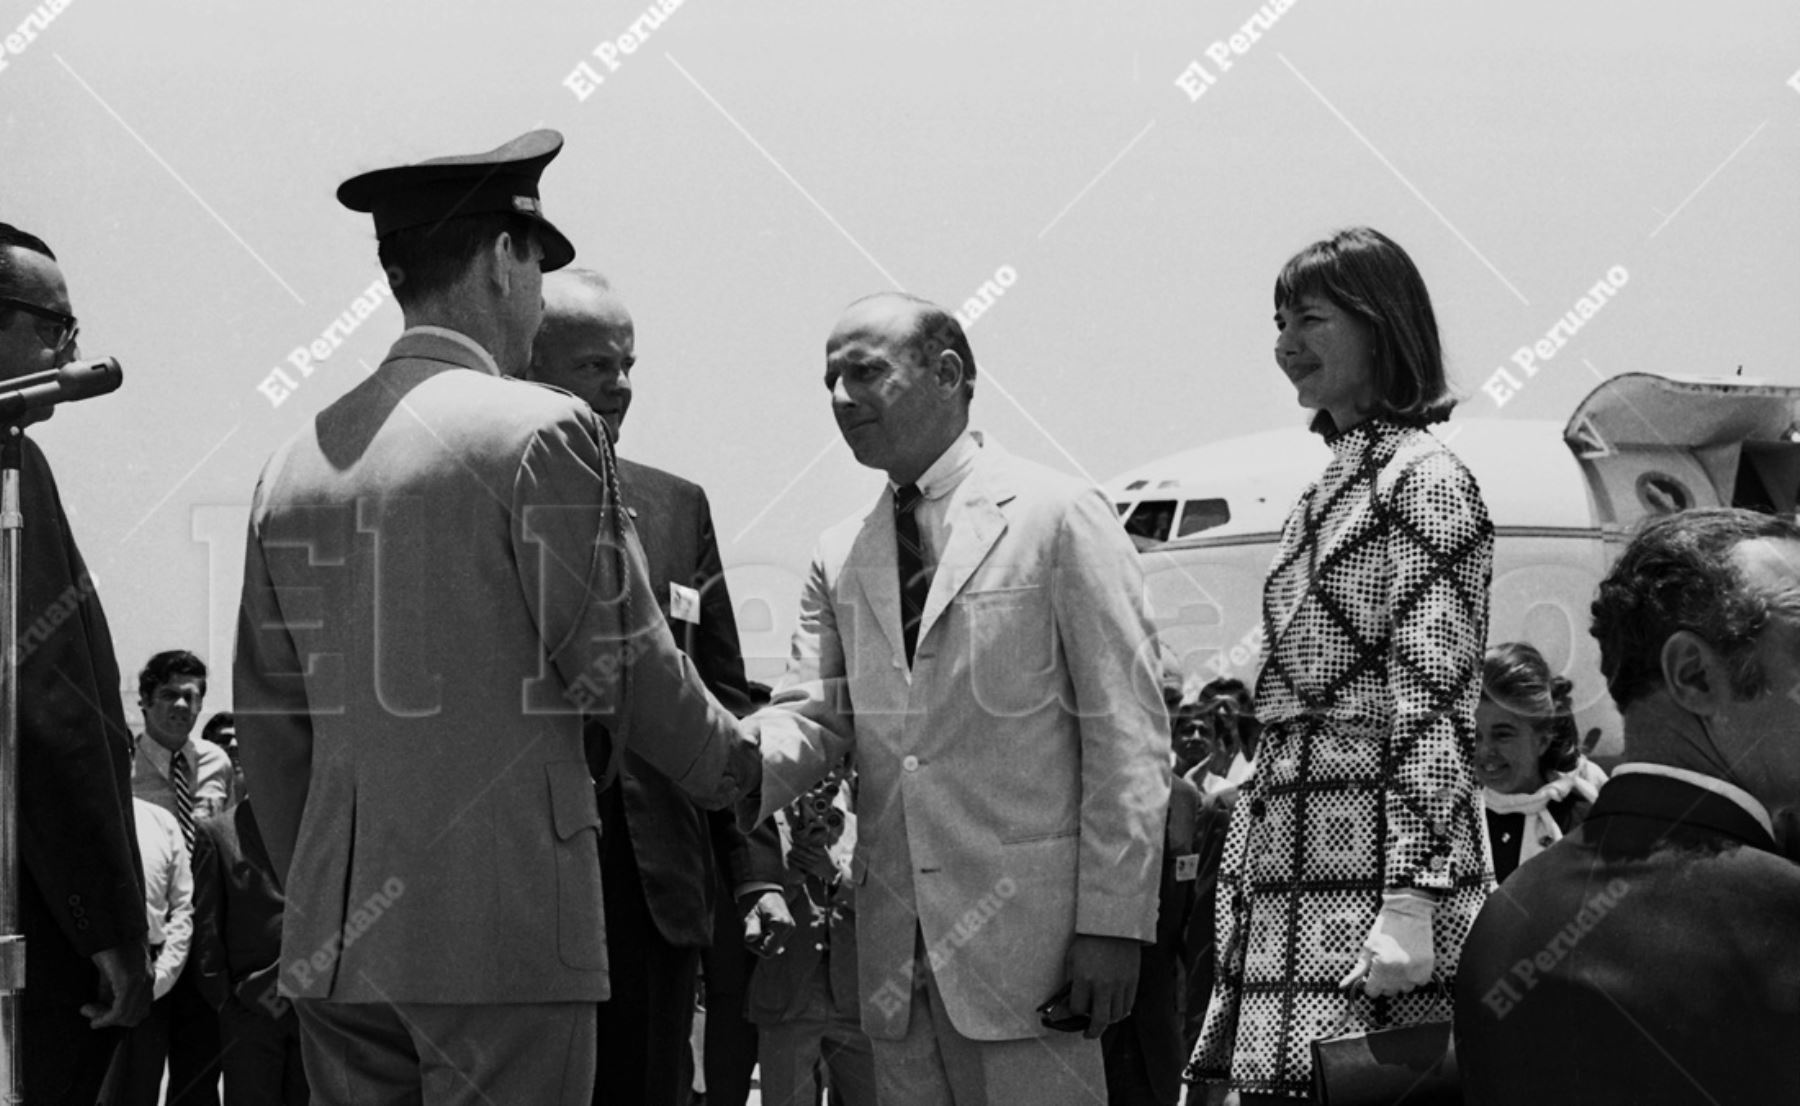 Lima - 17 febrero 1970 / A poco de pisar tierra peruana, Charles Conrad, comandante del Apolo XII, recibe el saludo del edecán del presidente de la República.